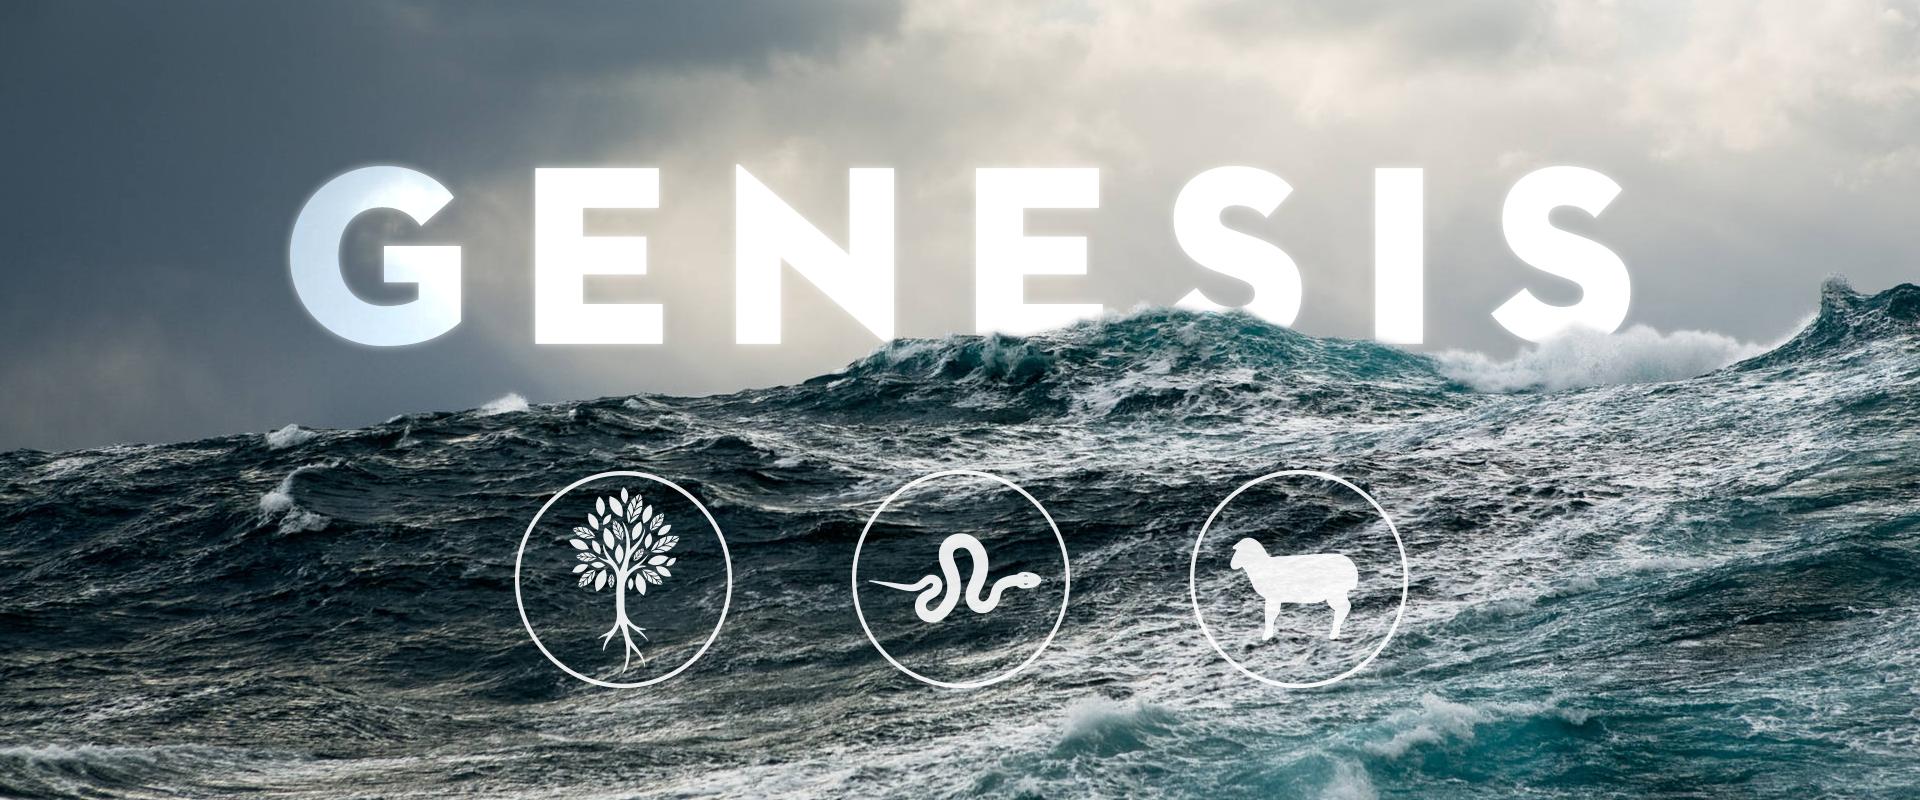 Genesis-Graphic.jpg